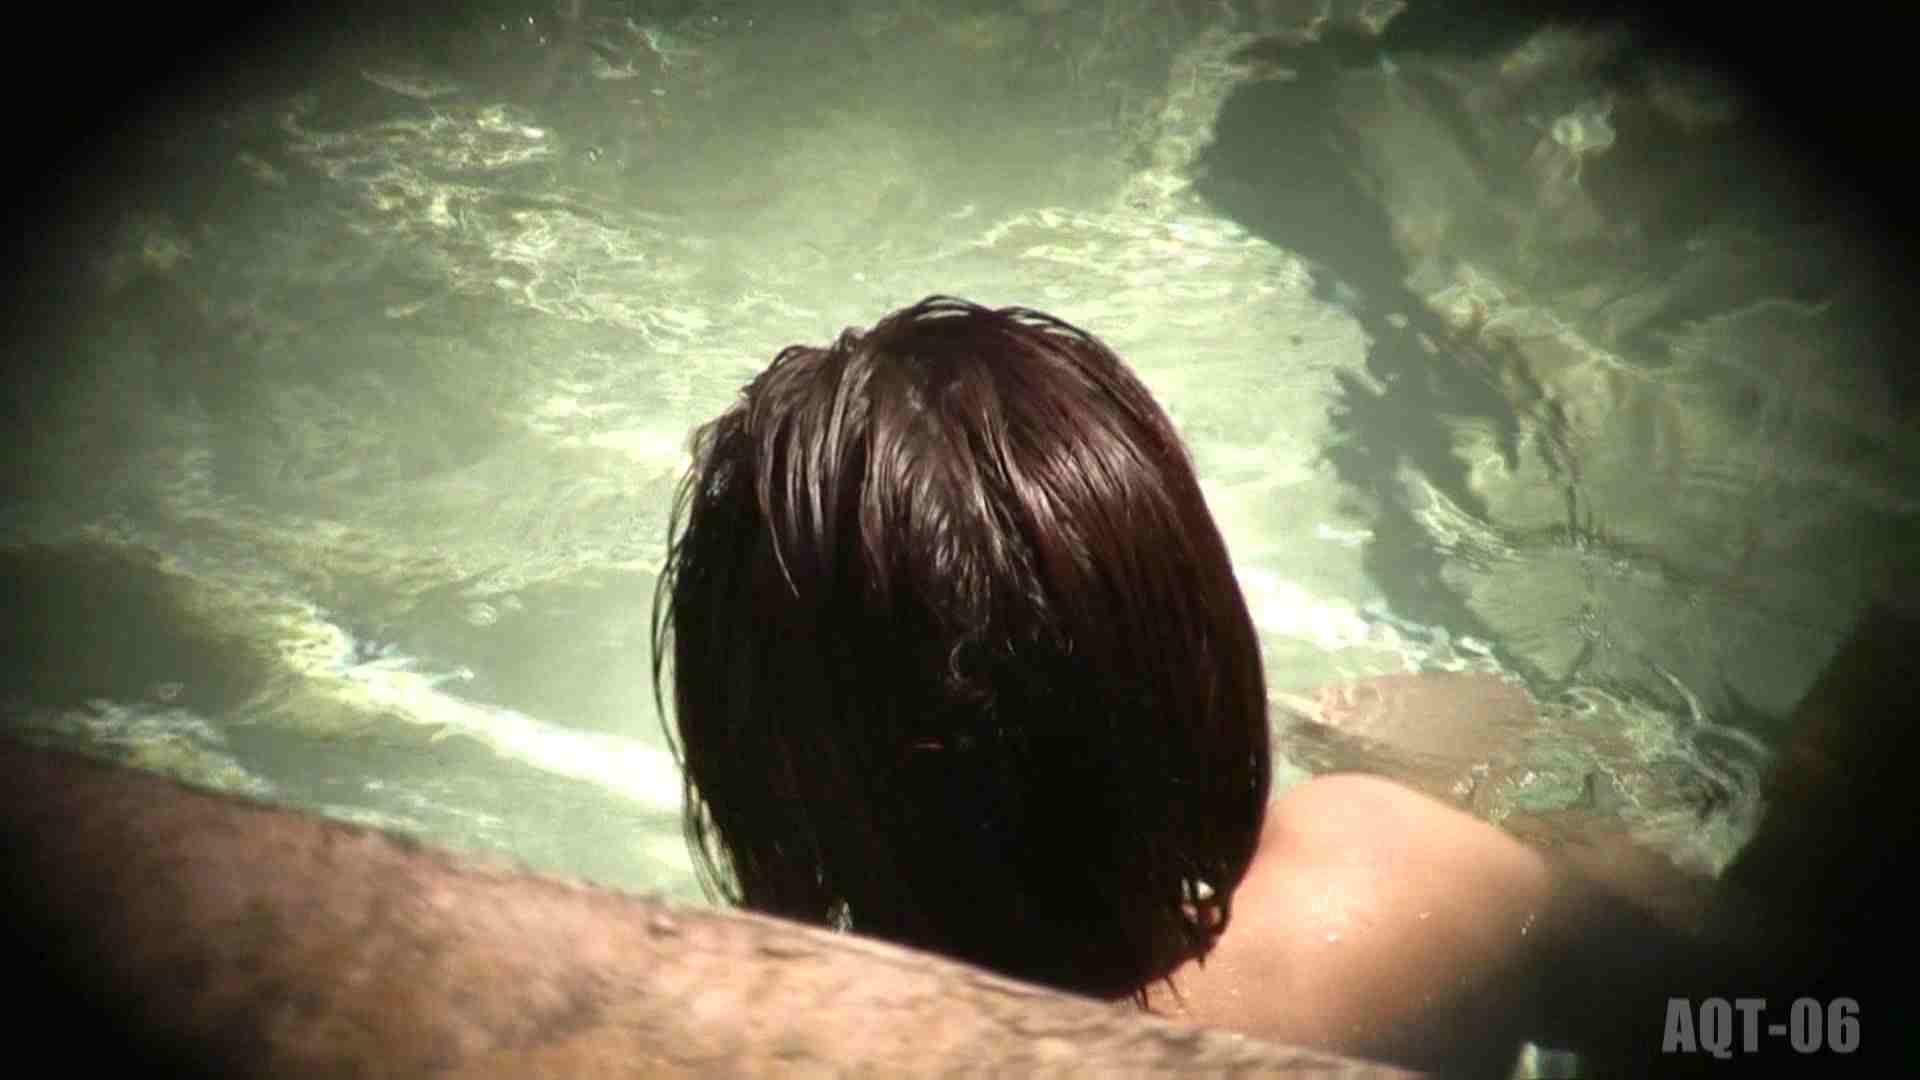 Aquaな露天風呂Vol.756 美しいOLの裸体 | 盗撮師作品  99pic 4